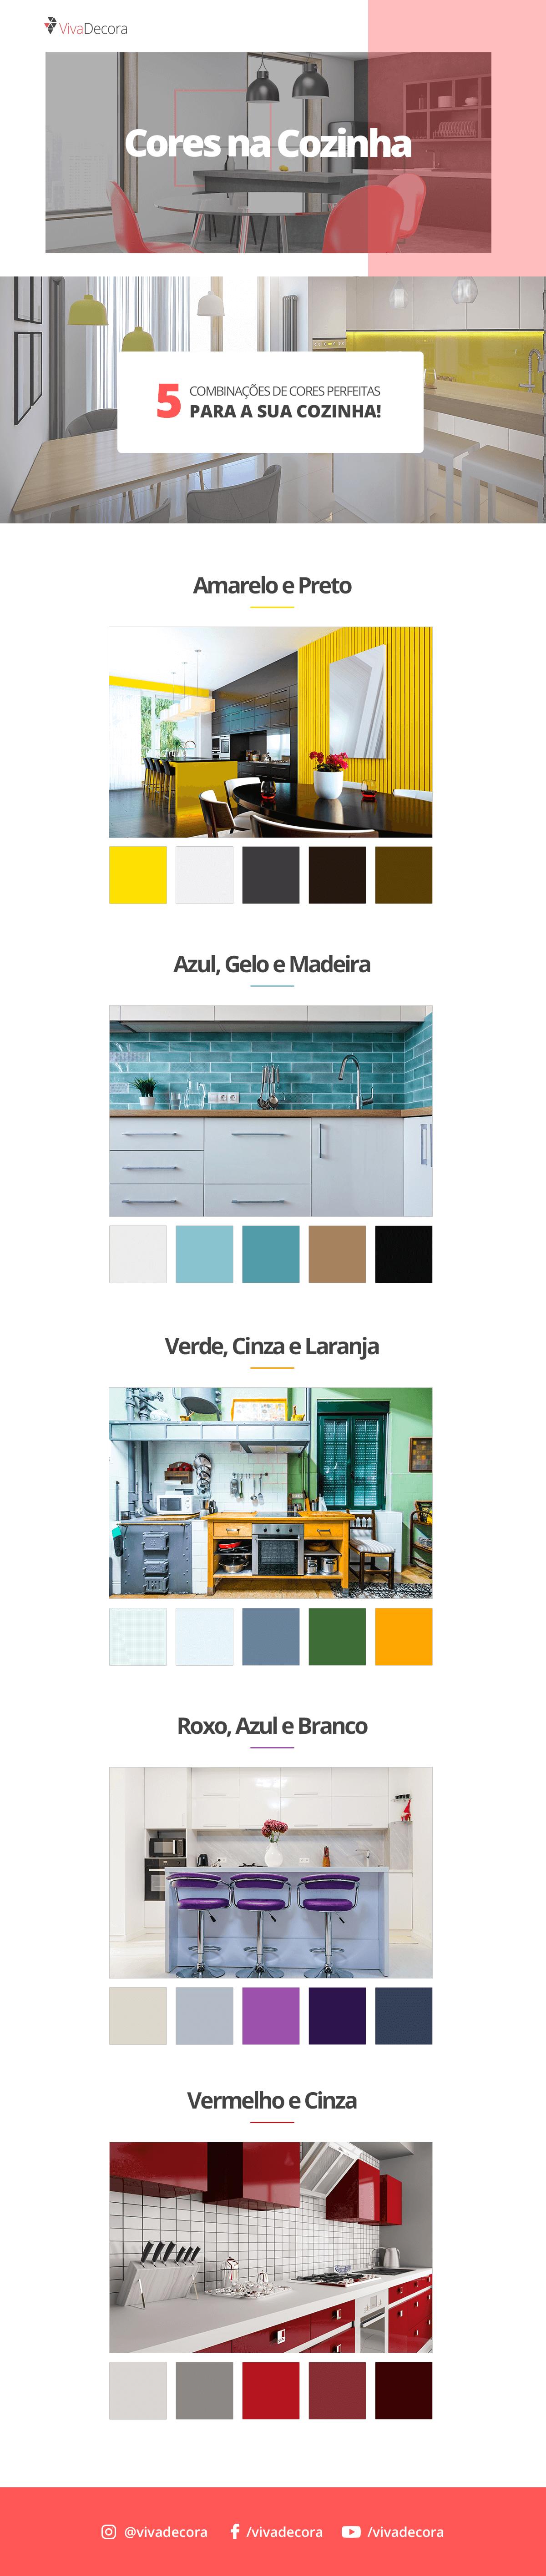 Infográfico - Cores na Cozinha